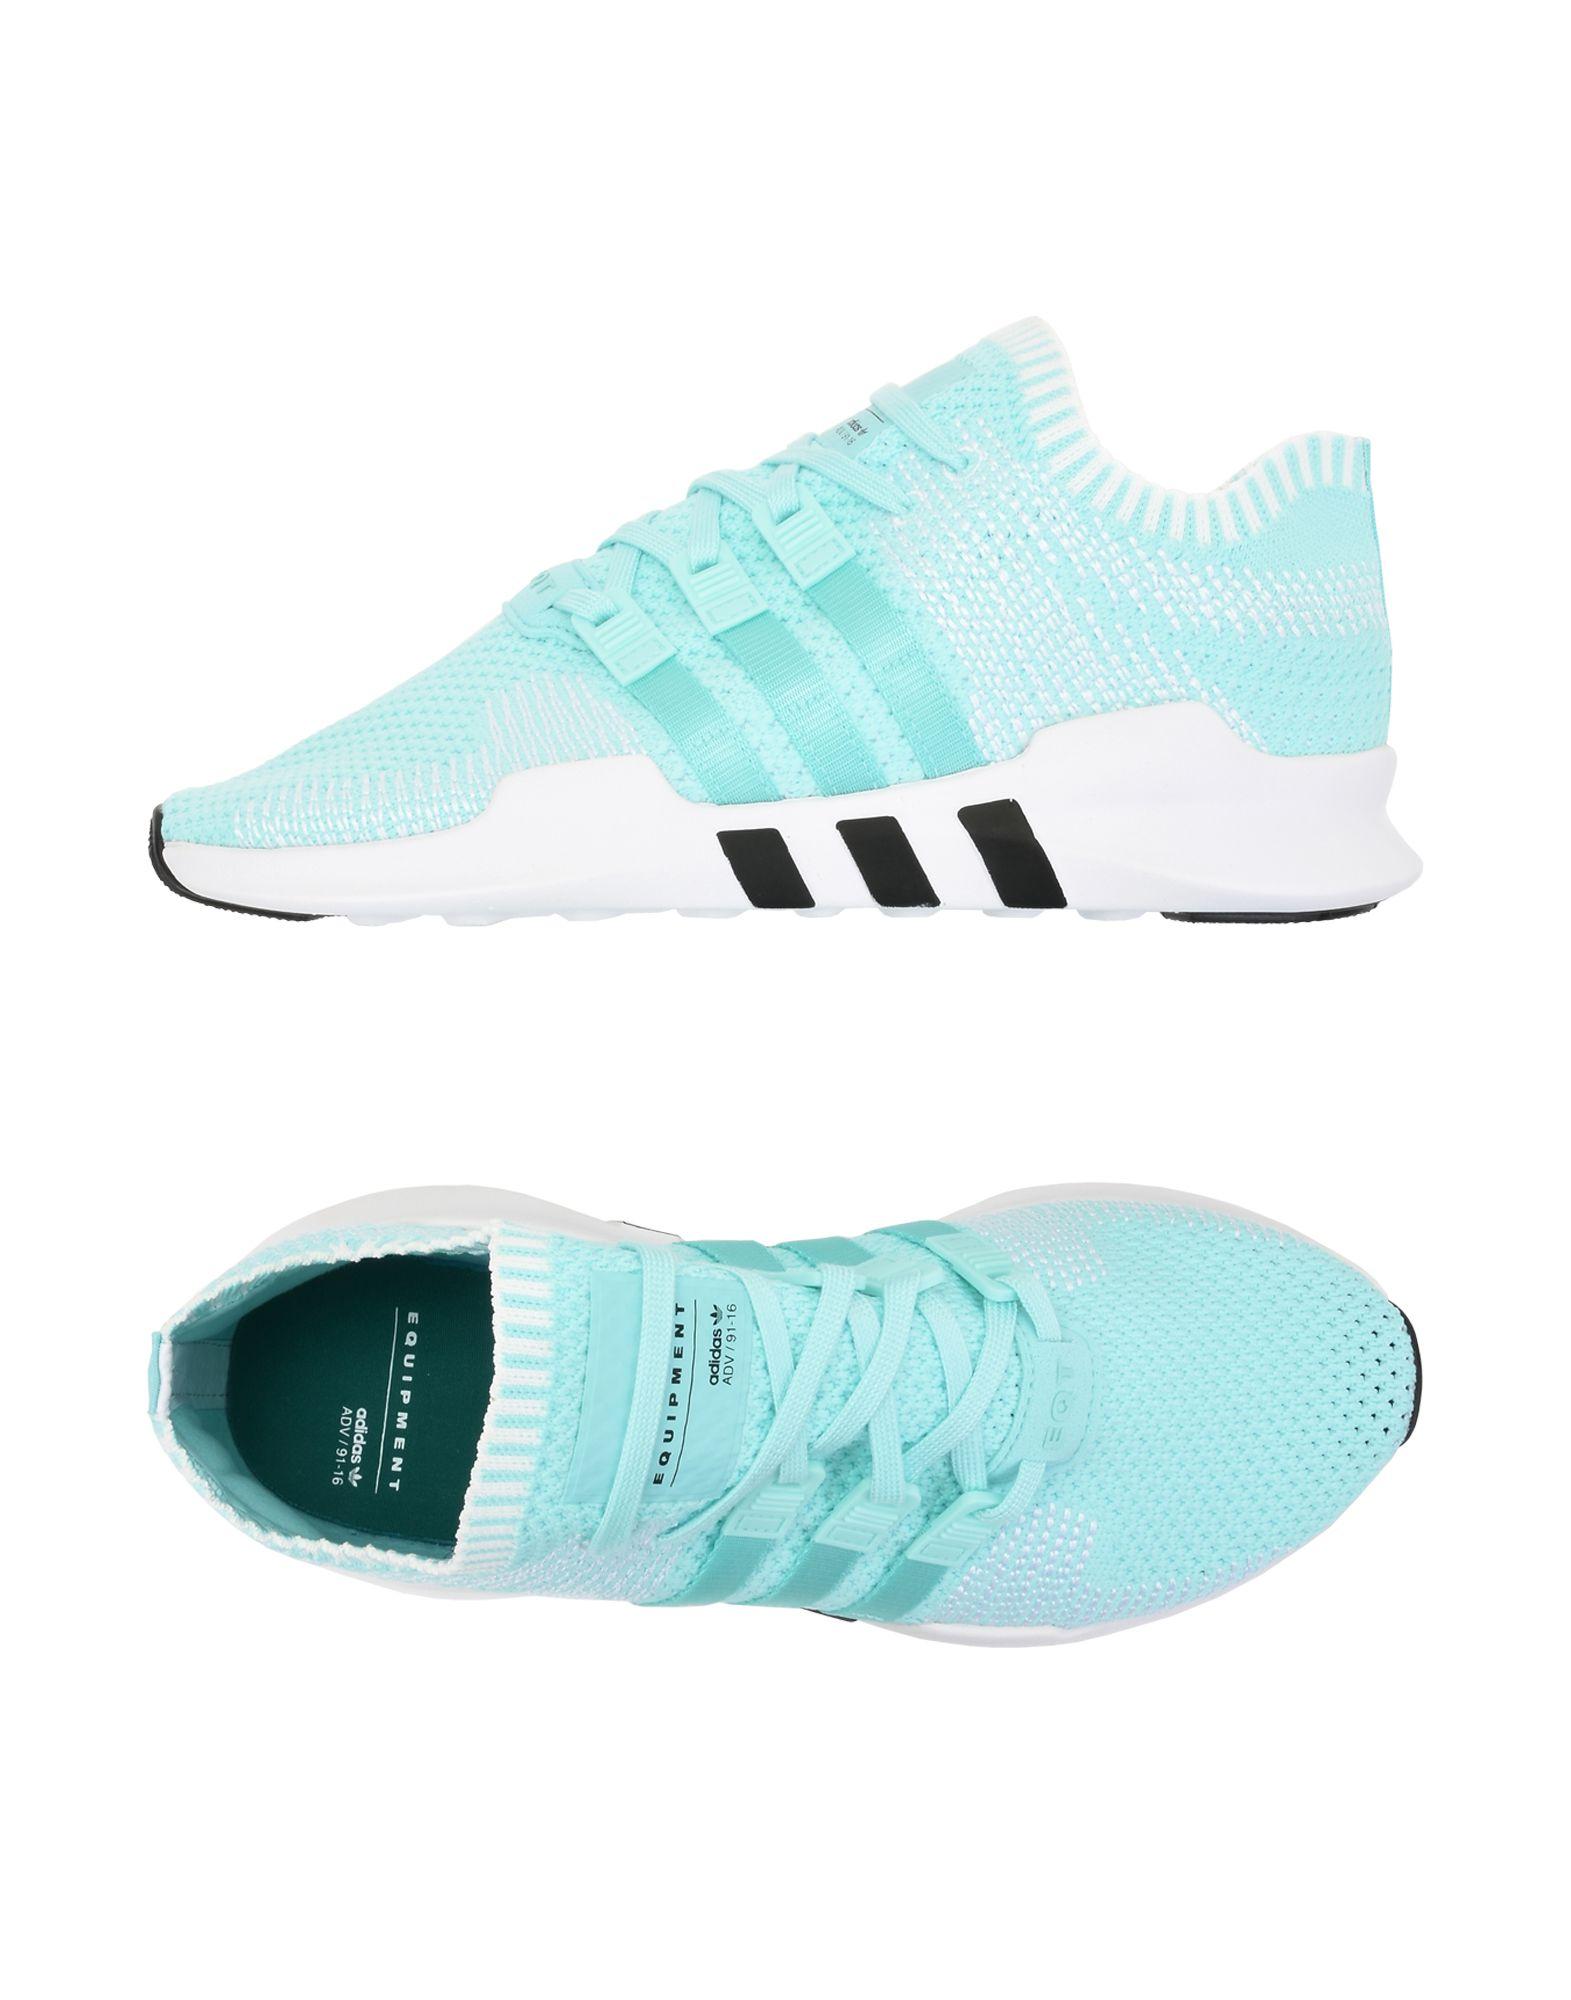 Baskets Adidas Originals Eqt Support Adv Pk W - Femme - Baskets Adidas Originals Vert clair Mode pas cher et belle